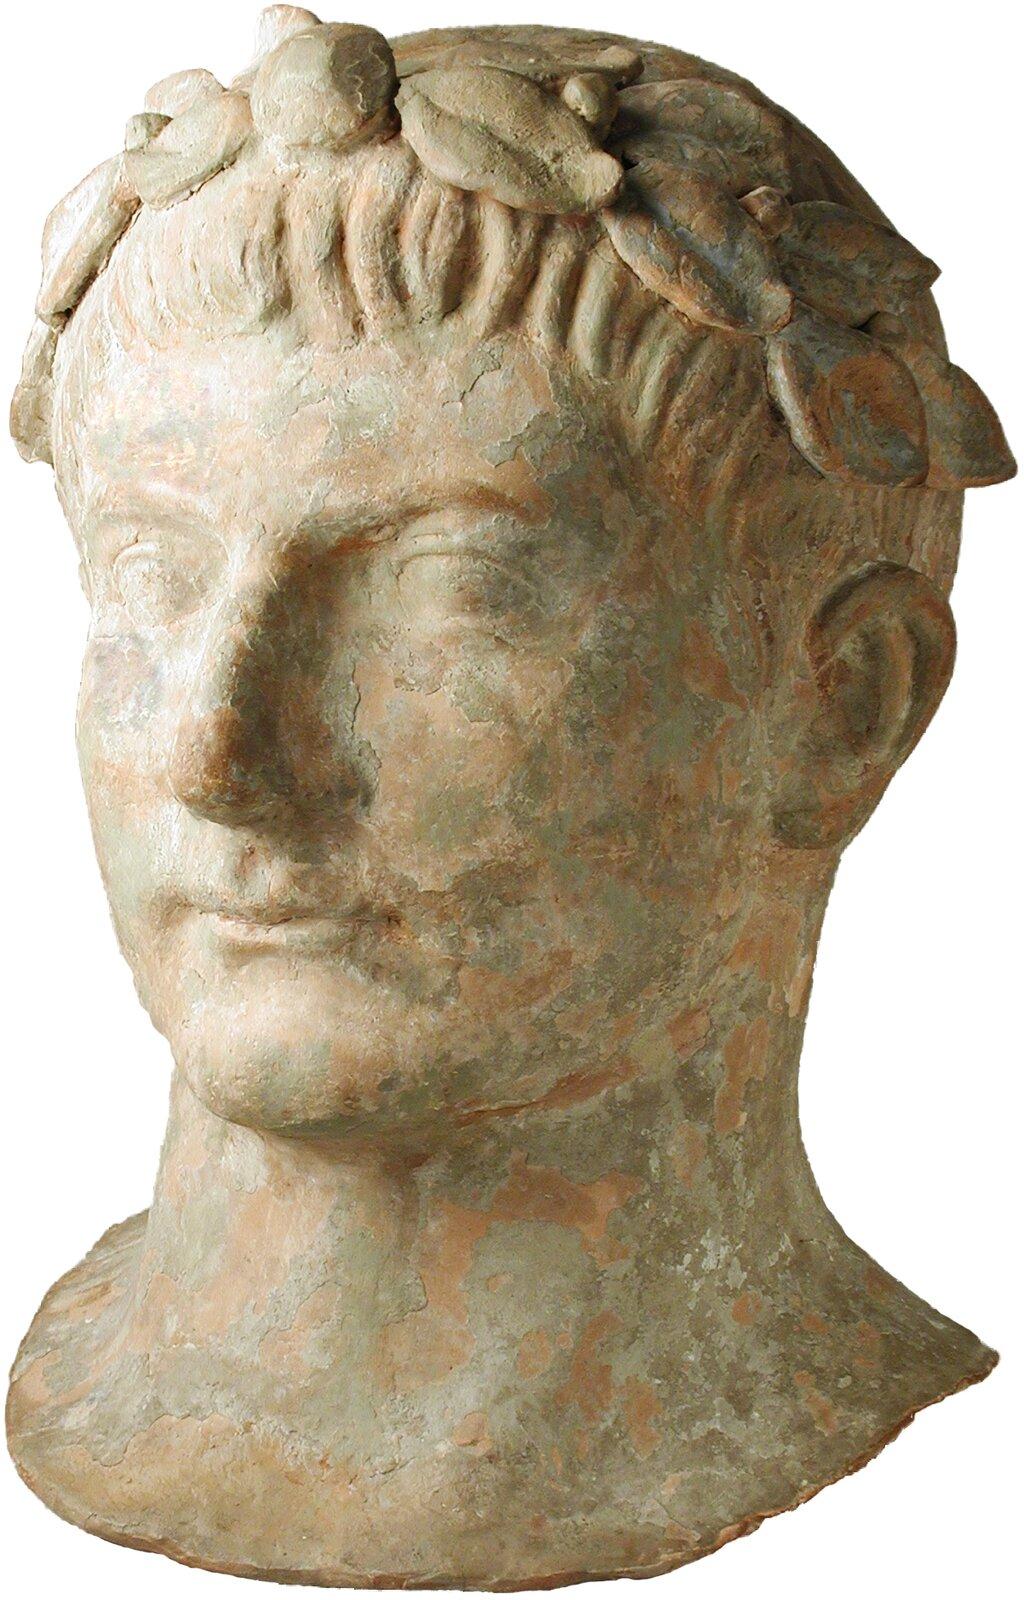 Głowa mężczyzny wwieńcu zliści laurowych – rzymska rzeźba zII wieku p.n.e., przechowywana obecnie wOkręgowym Muzeum Sztuki wLos Angeles Głowa mężczyzny wwieńcu zliści laurowych – rzymska rzeźba zII wieku p.n.e., przechowywana obecnie wOkręgowym Muzeum Sztuki wLos Angeles Źródło: domena publiczna.